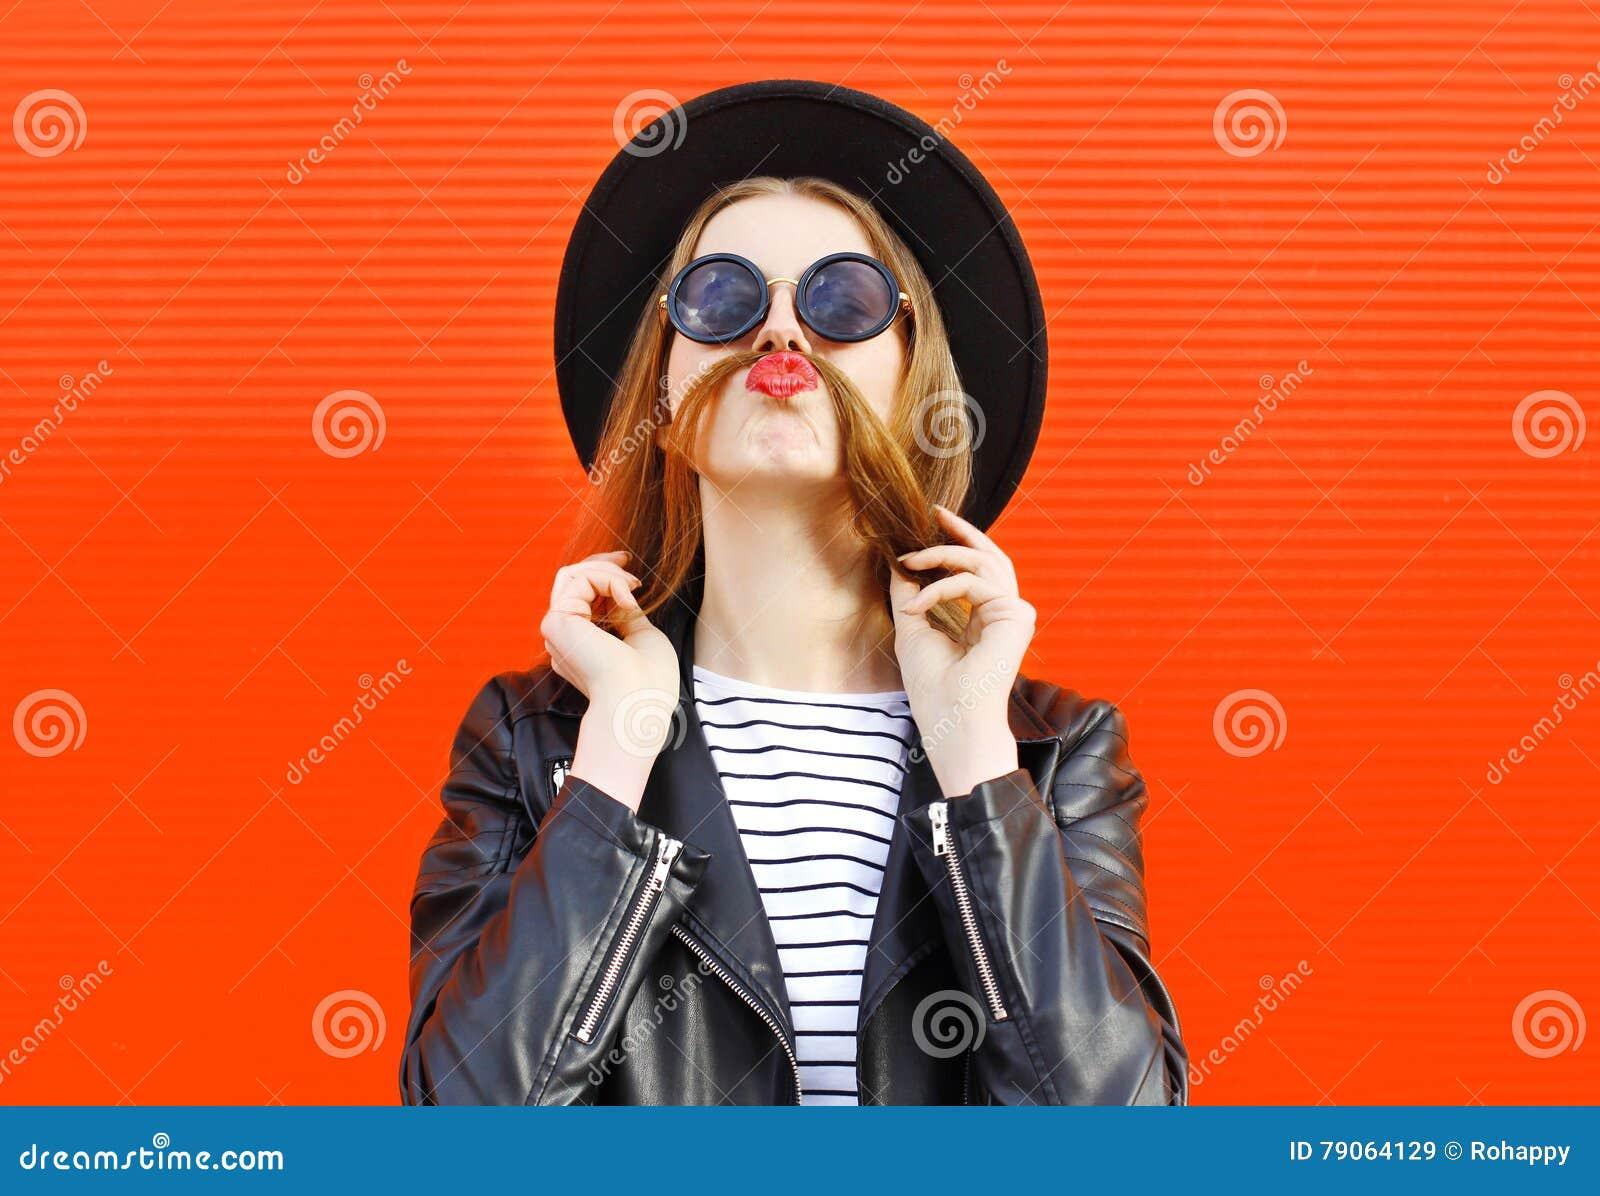 Toont de manier grappige vrouw die pret hebben snorhaar over kleurrijk rood